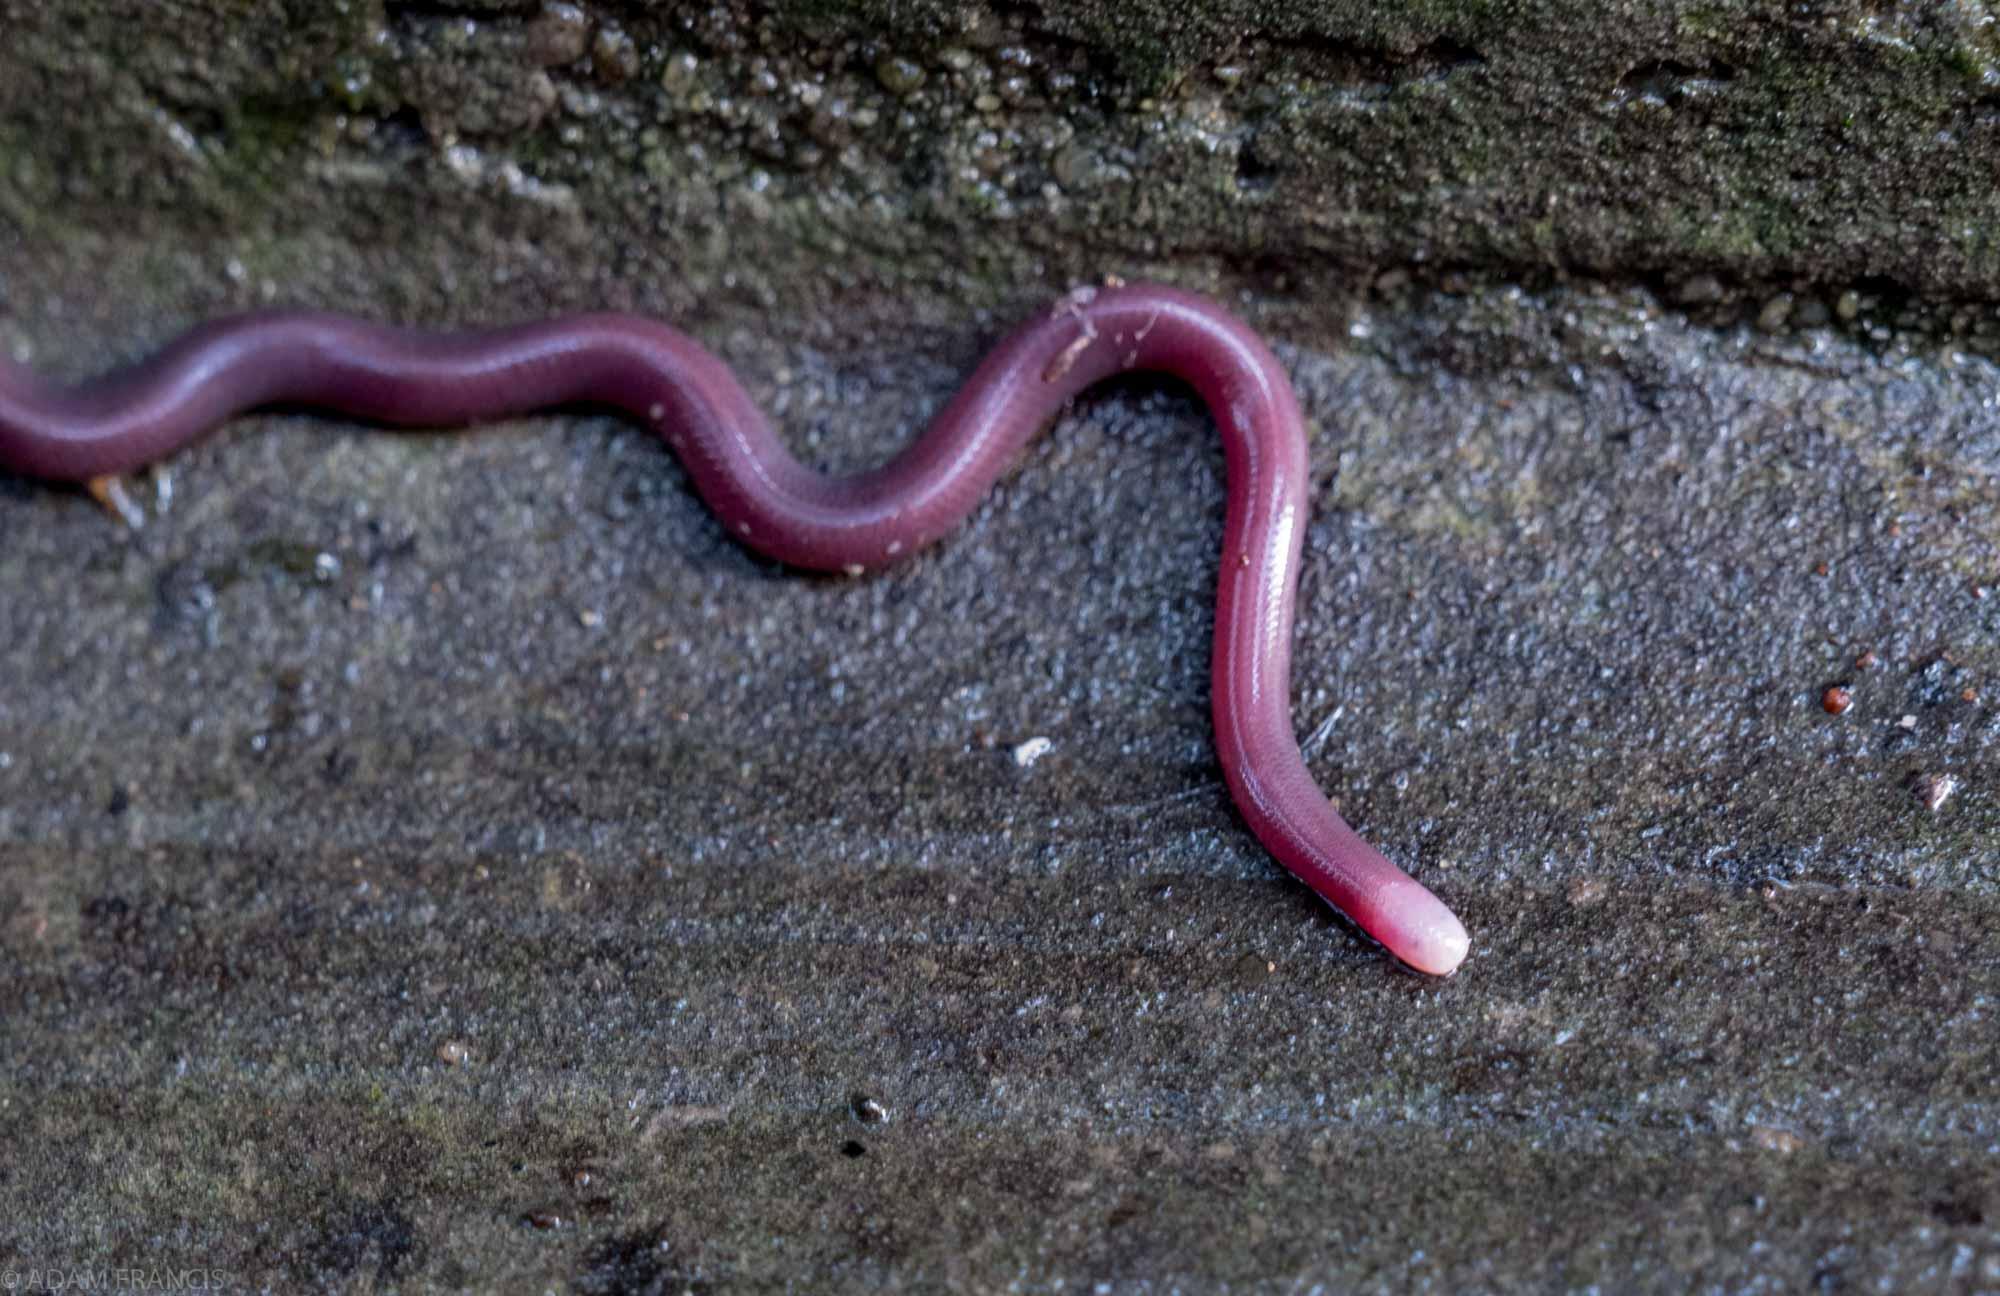 Copy of White-headed & Lazell's Blind Snake